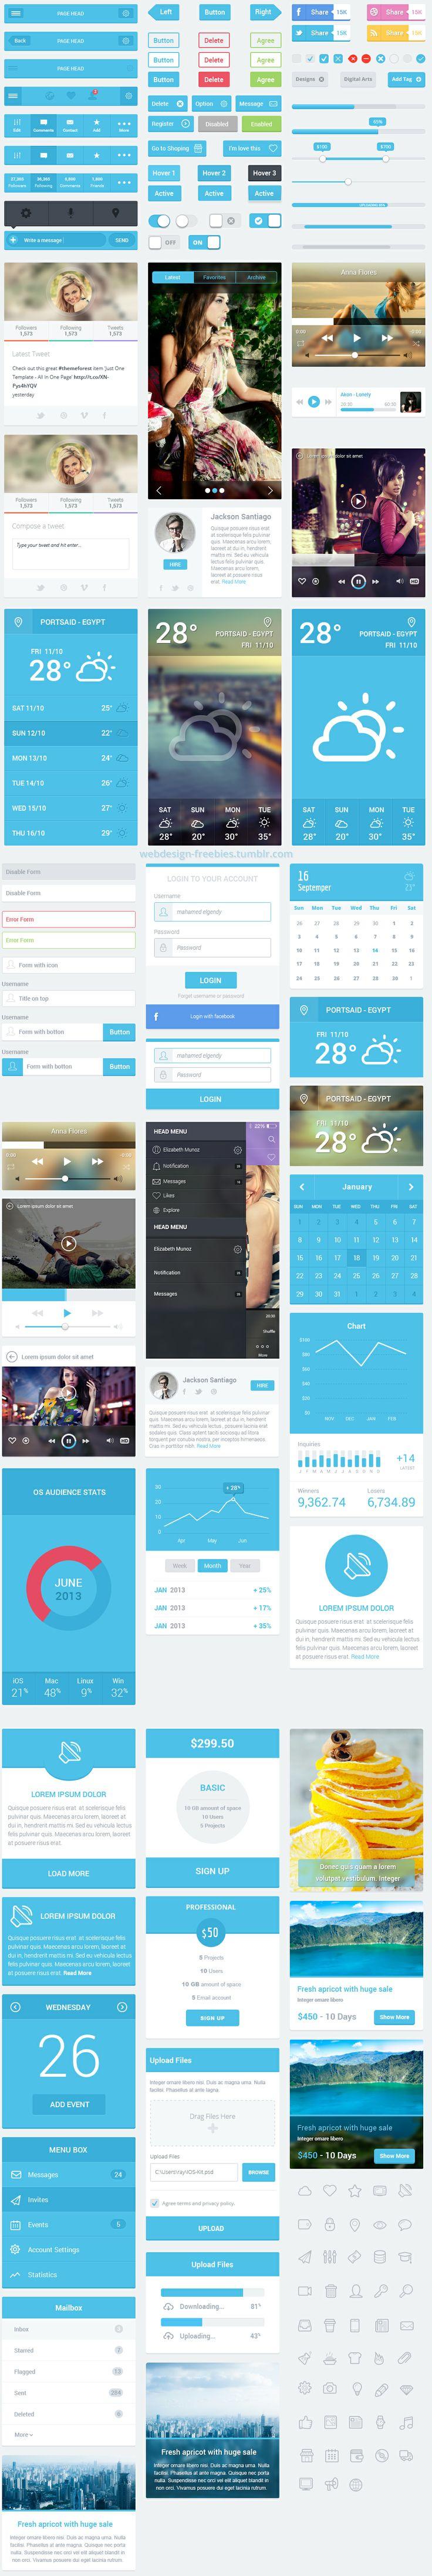 Flatastic - Free Mobile UI Kit